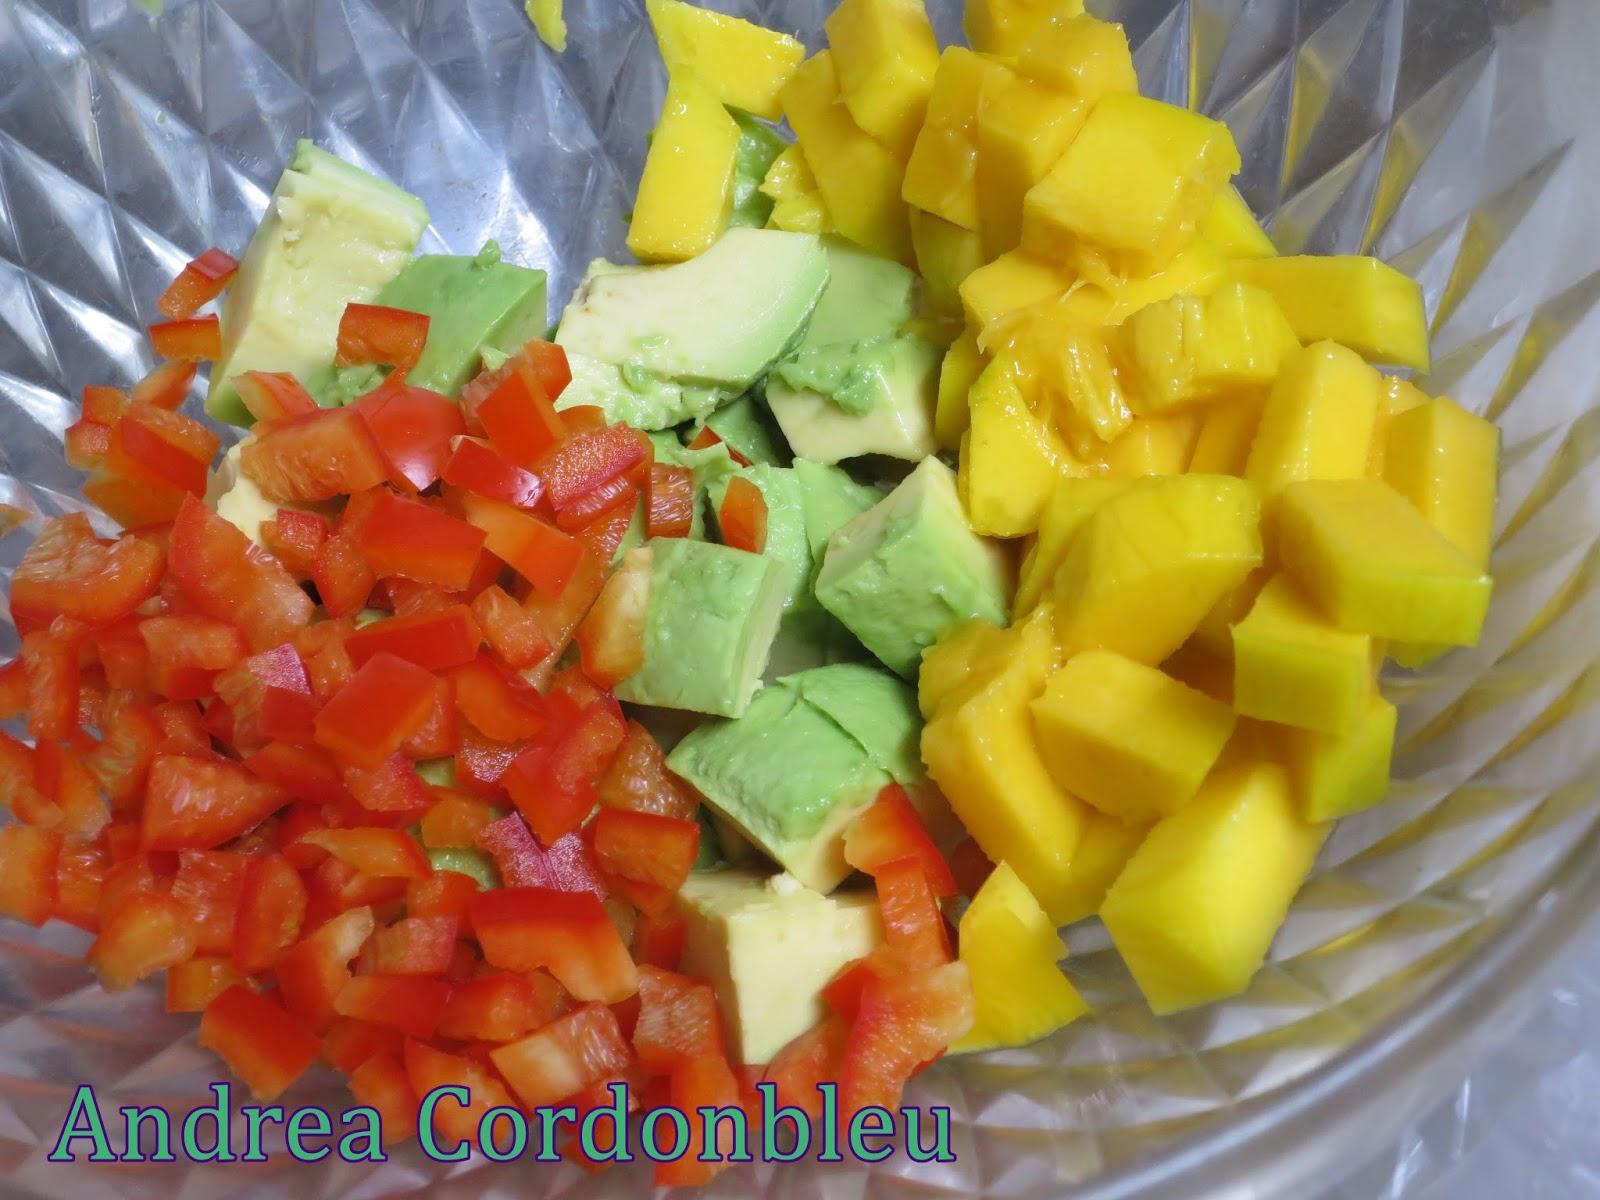 Cordonbleu ensalada de aguacate y gambones la cocina fit de vikika - La cocina fit de vikika ...